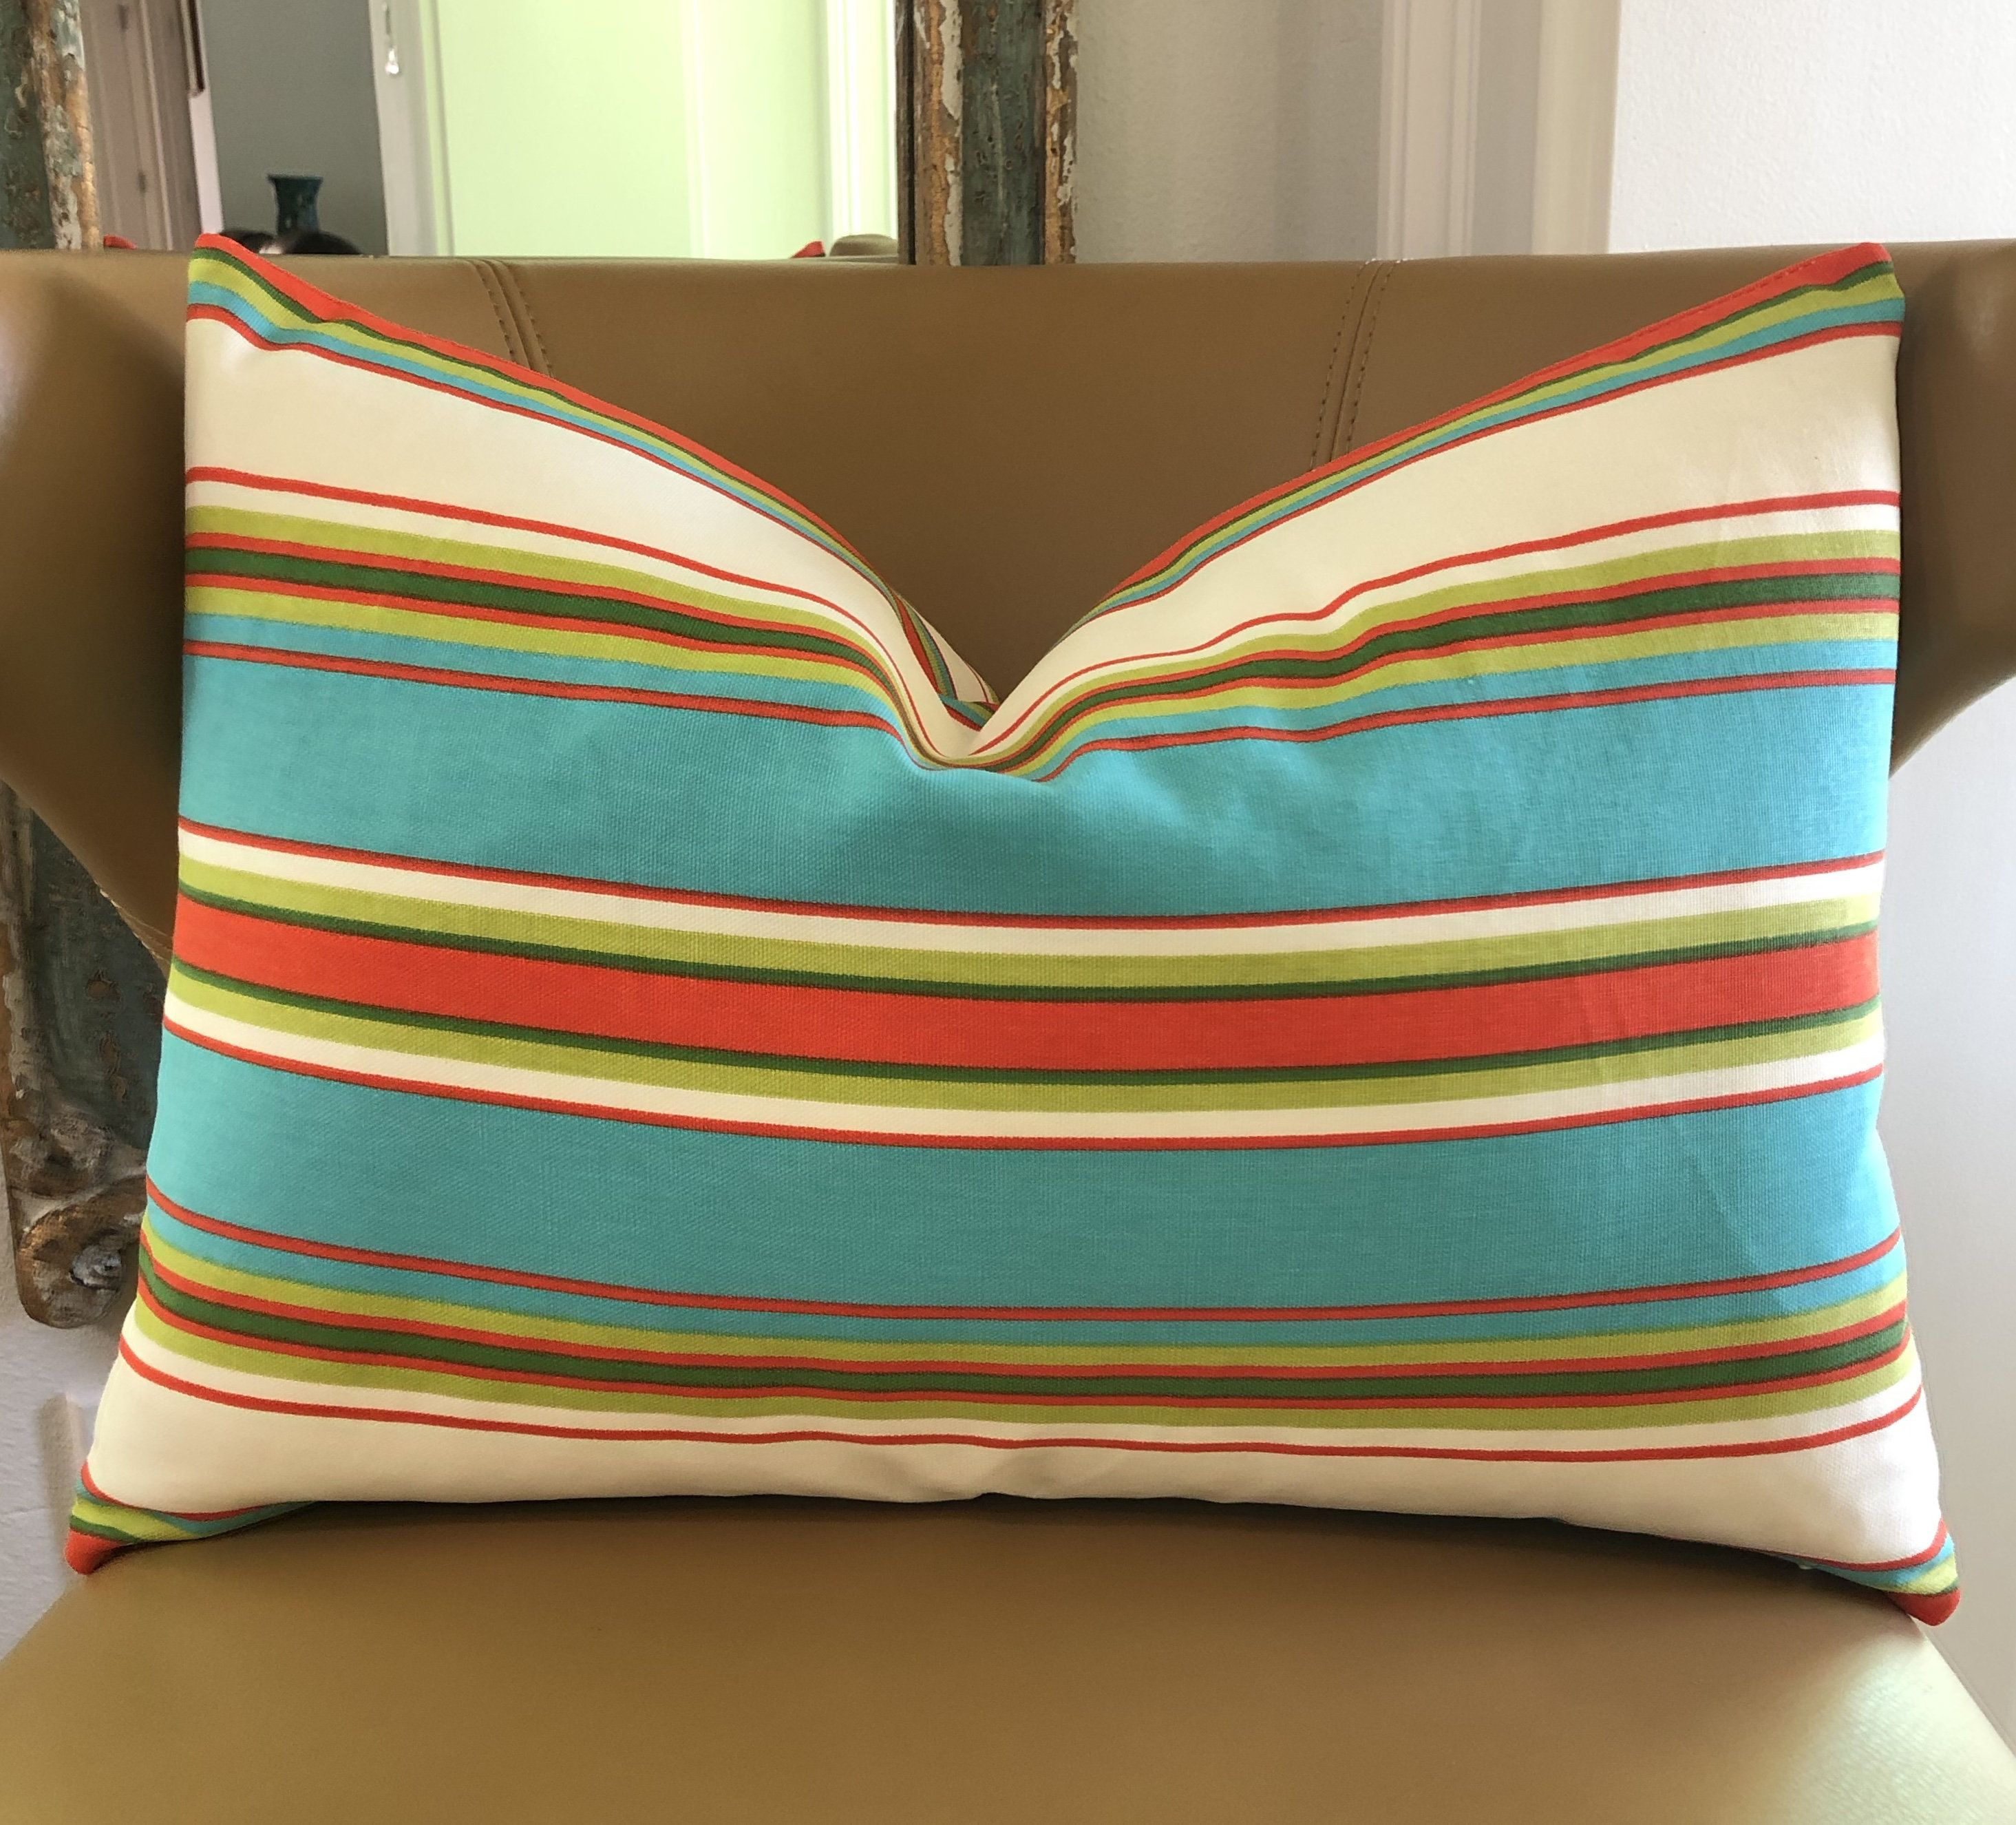 Farmhouse striped decorative throw pillow cushion cover